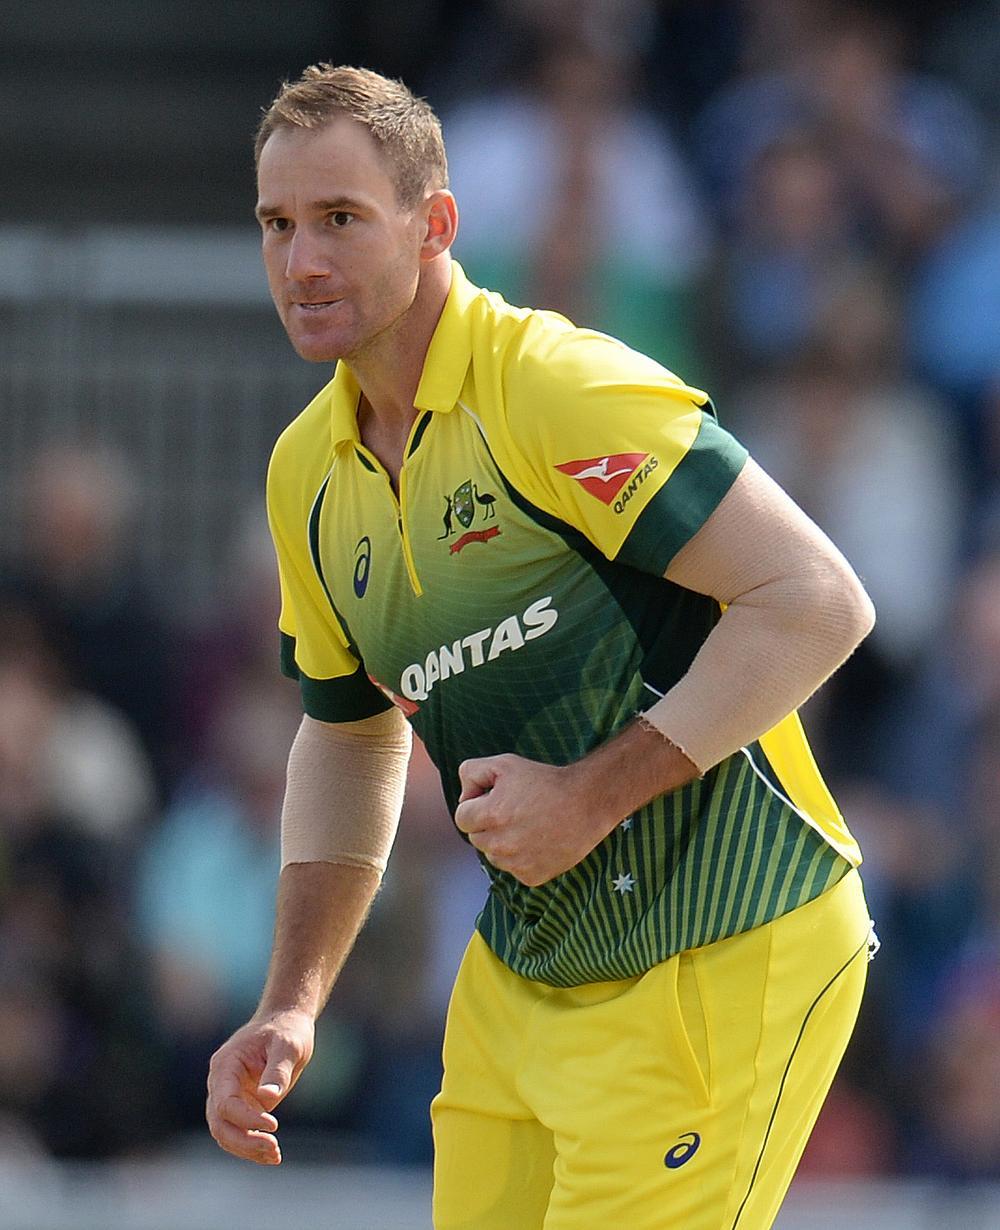 सभी को हैरान करते हुए ऑस्ट्रेलिया के इस दिग्गज तेज गेंदबाज ने तीनों फॉर्मेट से लिया संन्यास 1